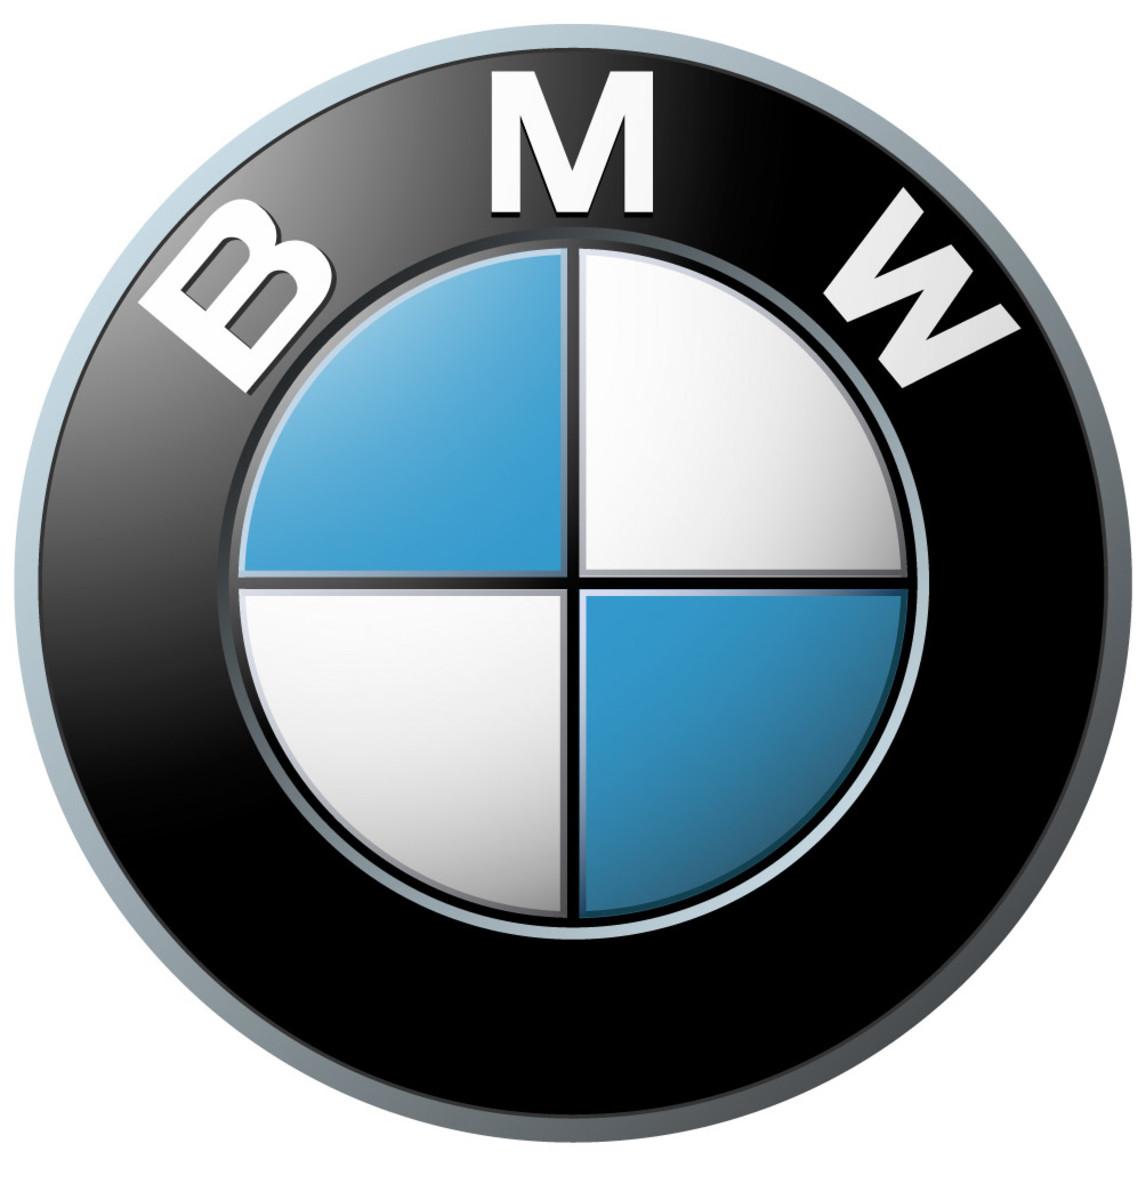 The BMW logo